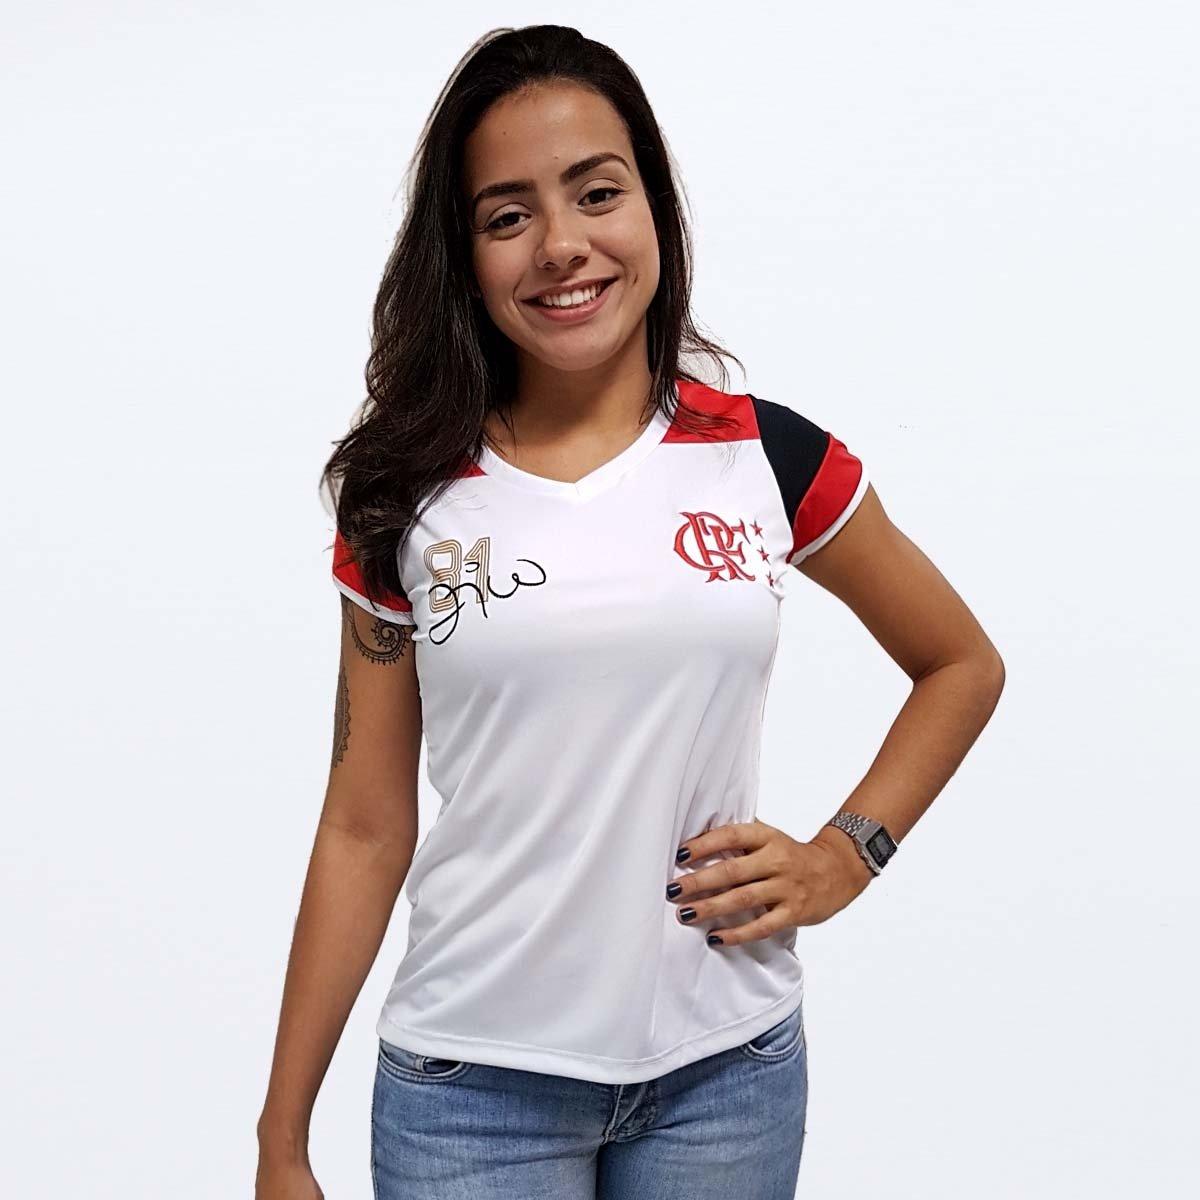 Camisa Flamengo Feminina Retro Zico - Compre Agora  afc4bbe512418